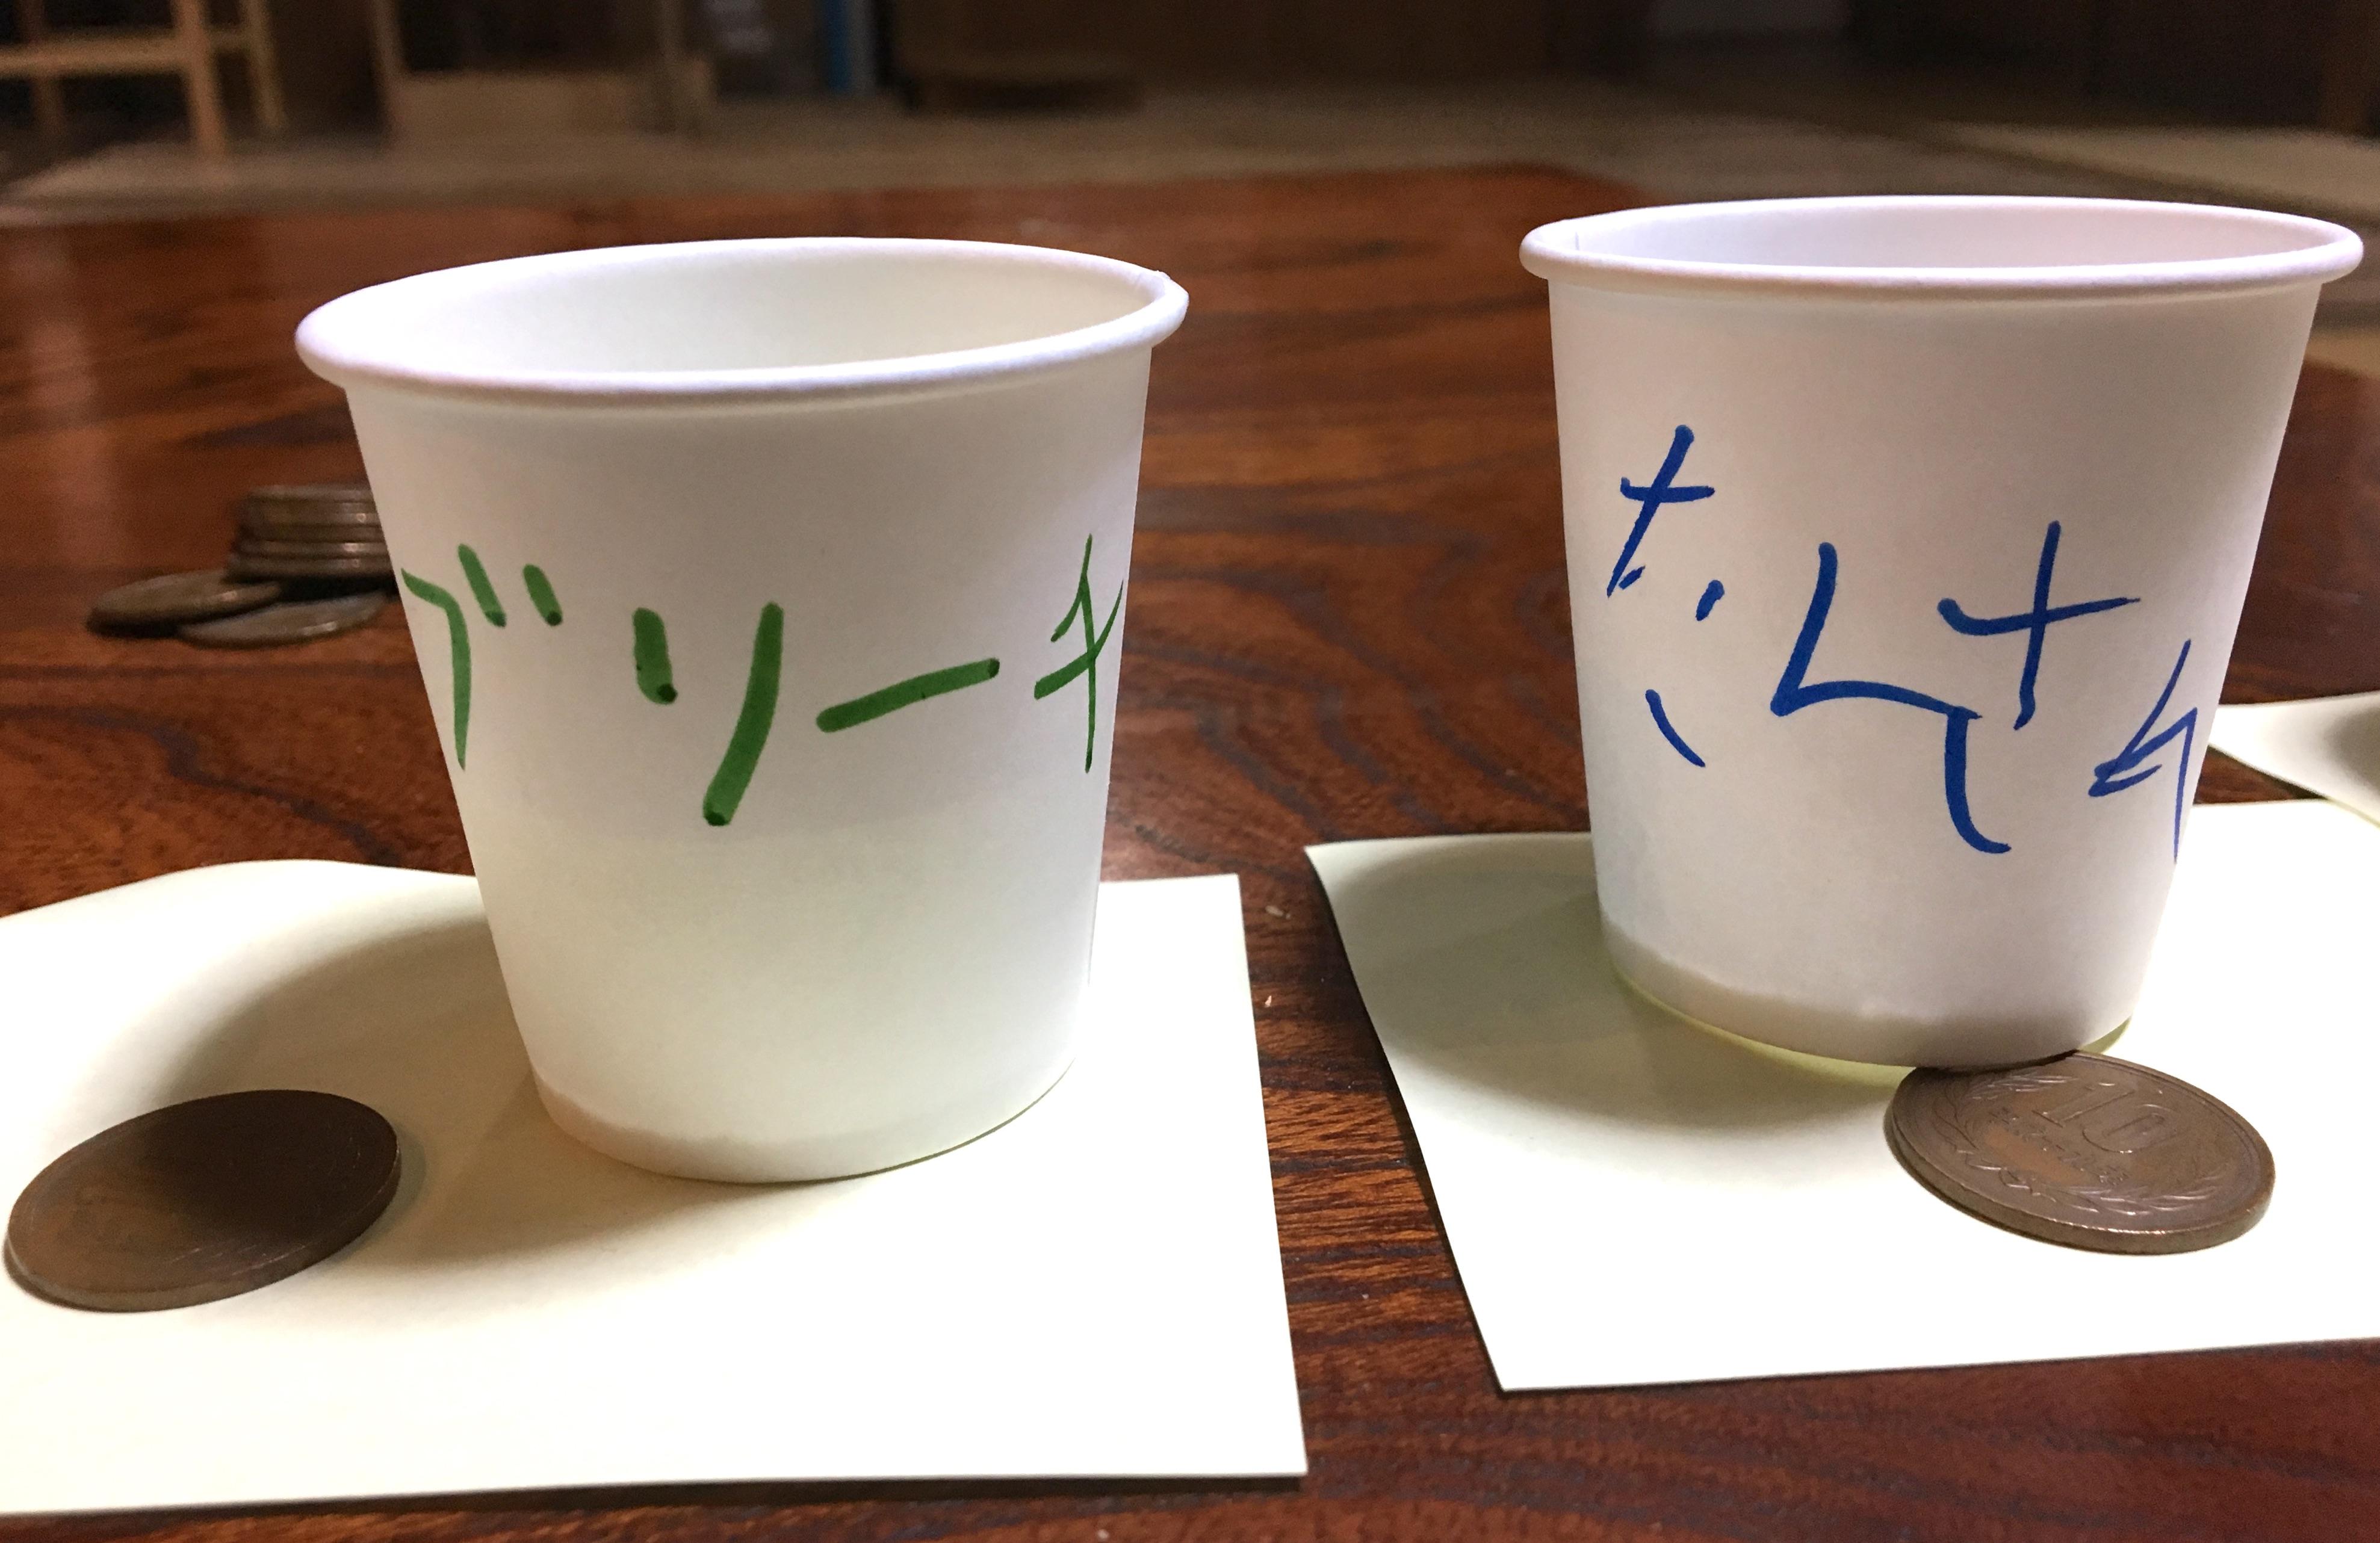 まなび舎ボートで十円玉実験〜2月17日ずしまちクエスト開催!